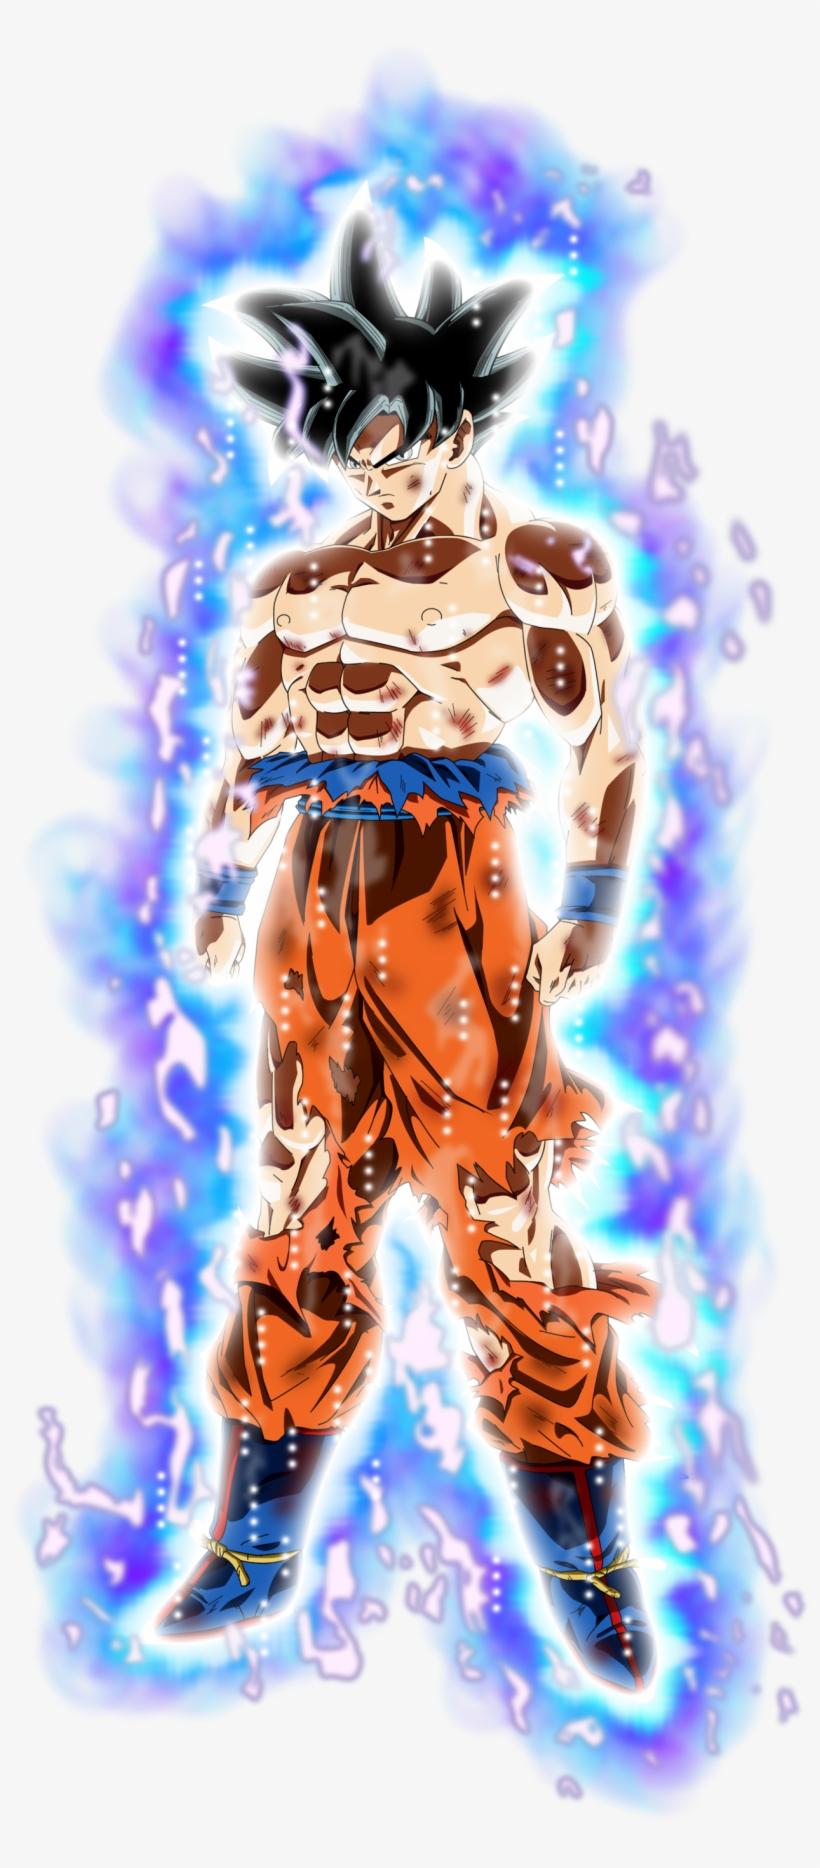 Ultra Instinct Goku PNG & Download Transparent Ultra Instinct Goku.